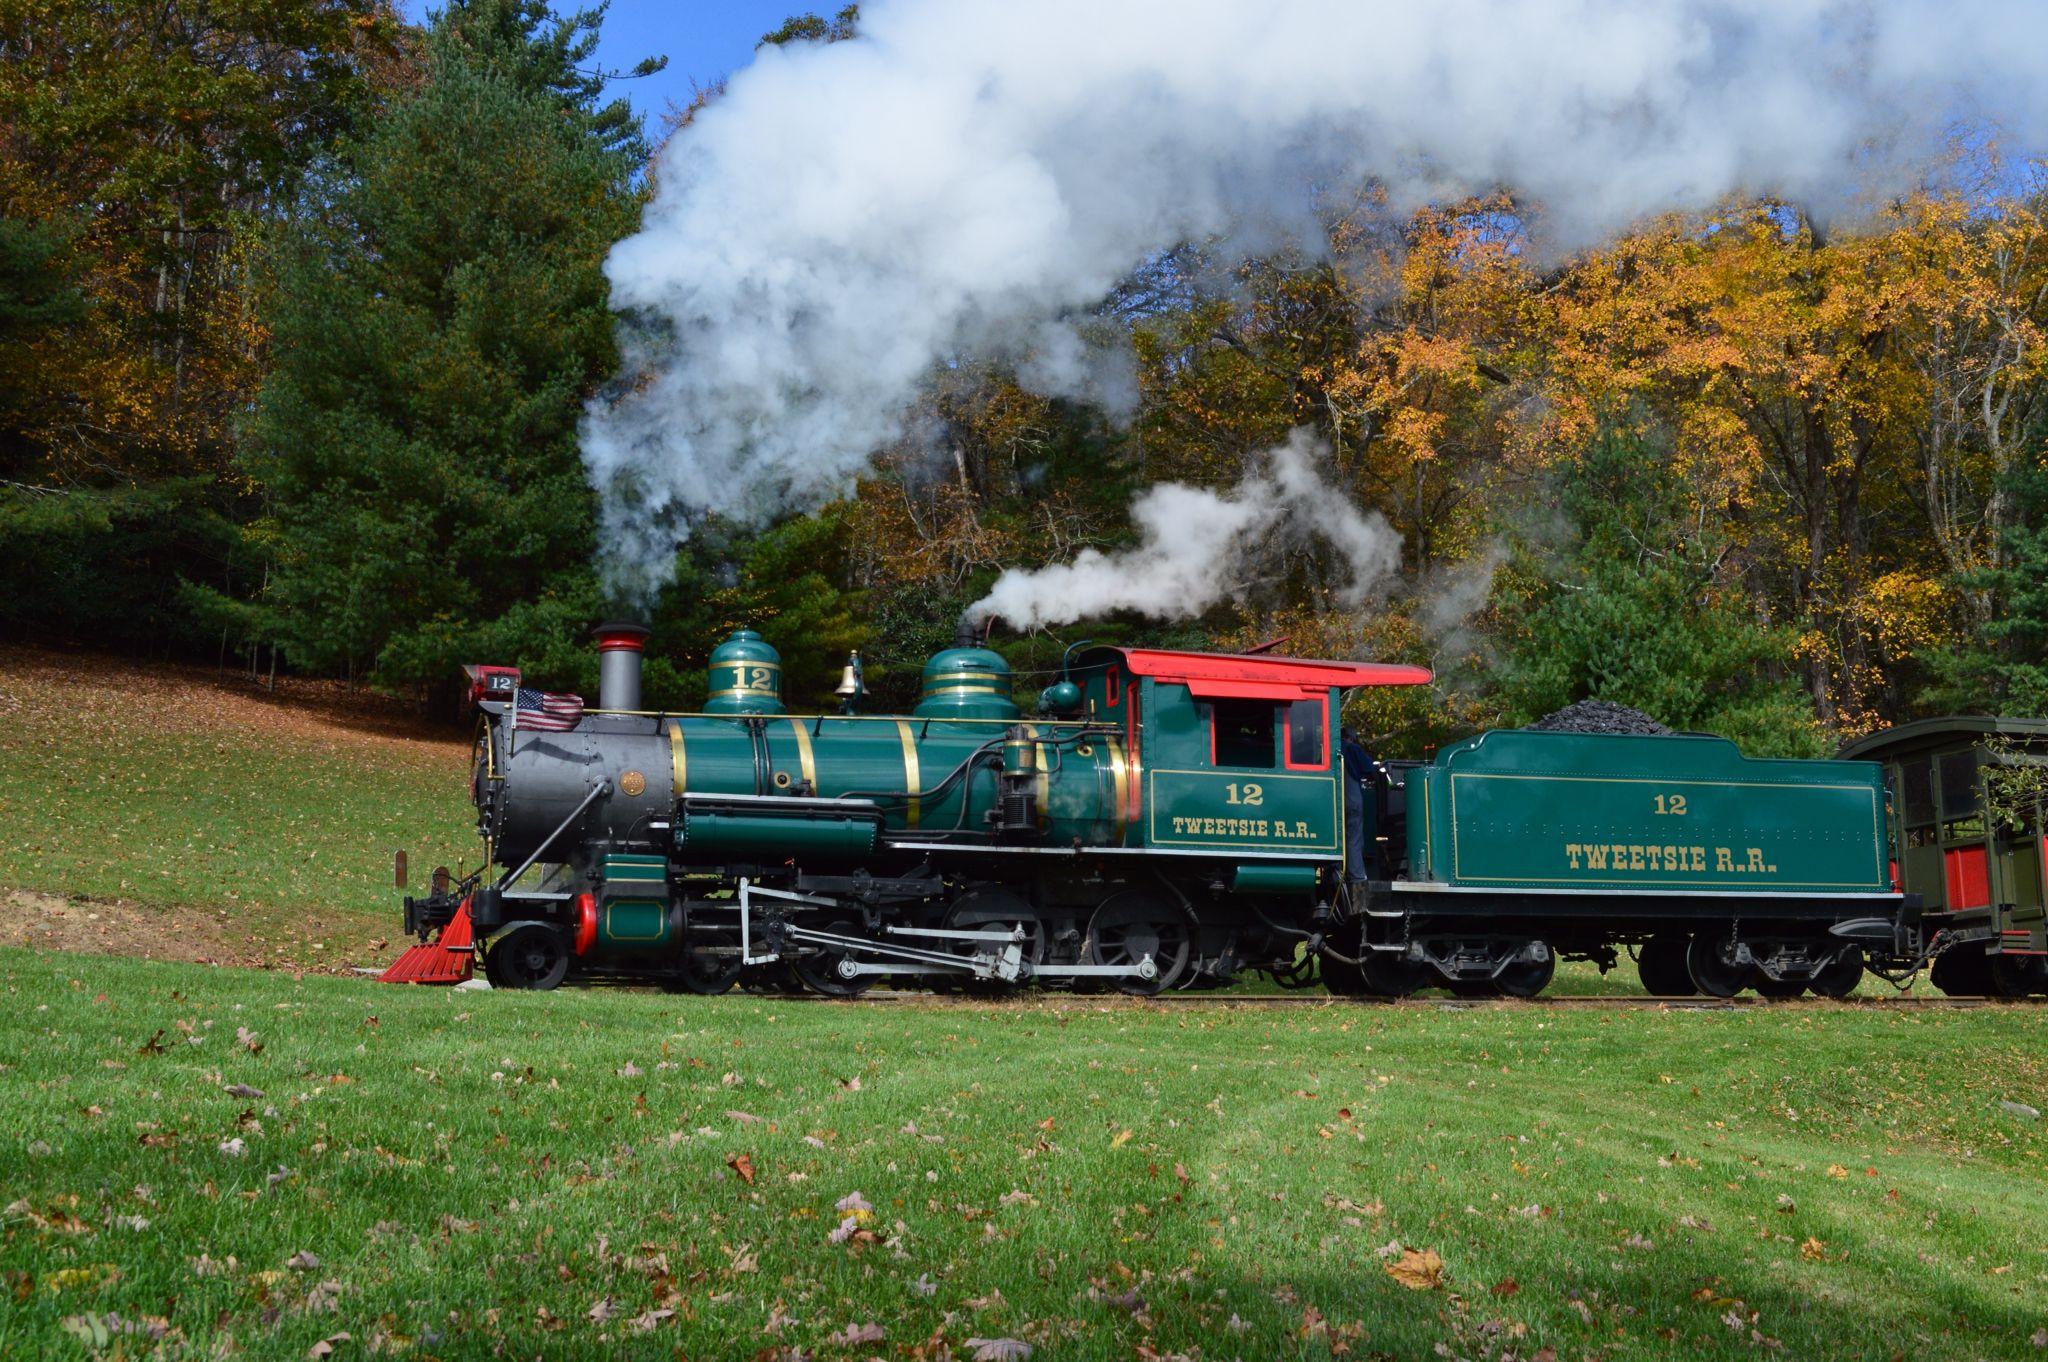 The history behind Tweetsie Railroad